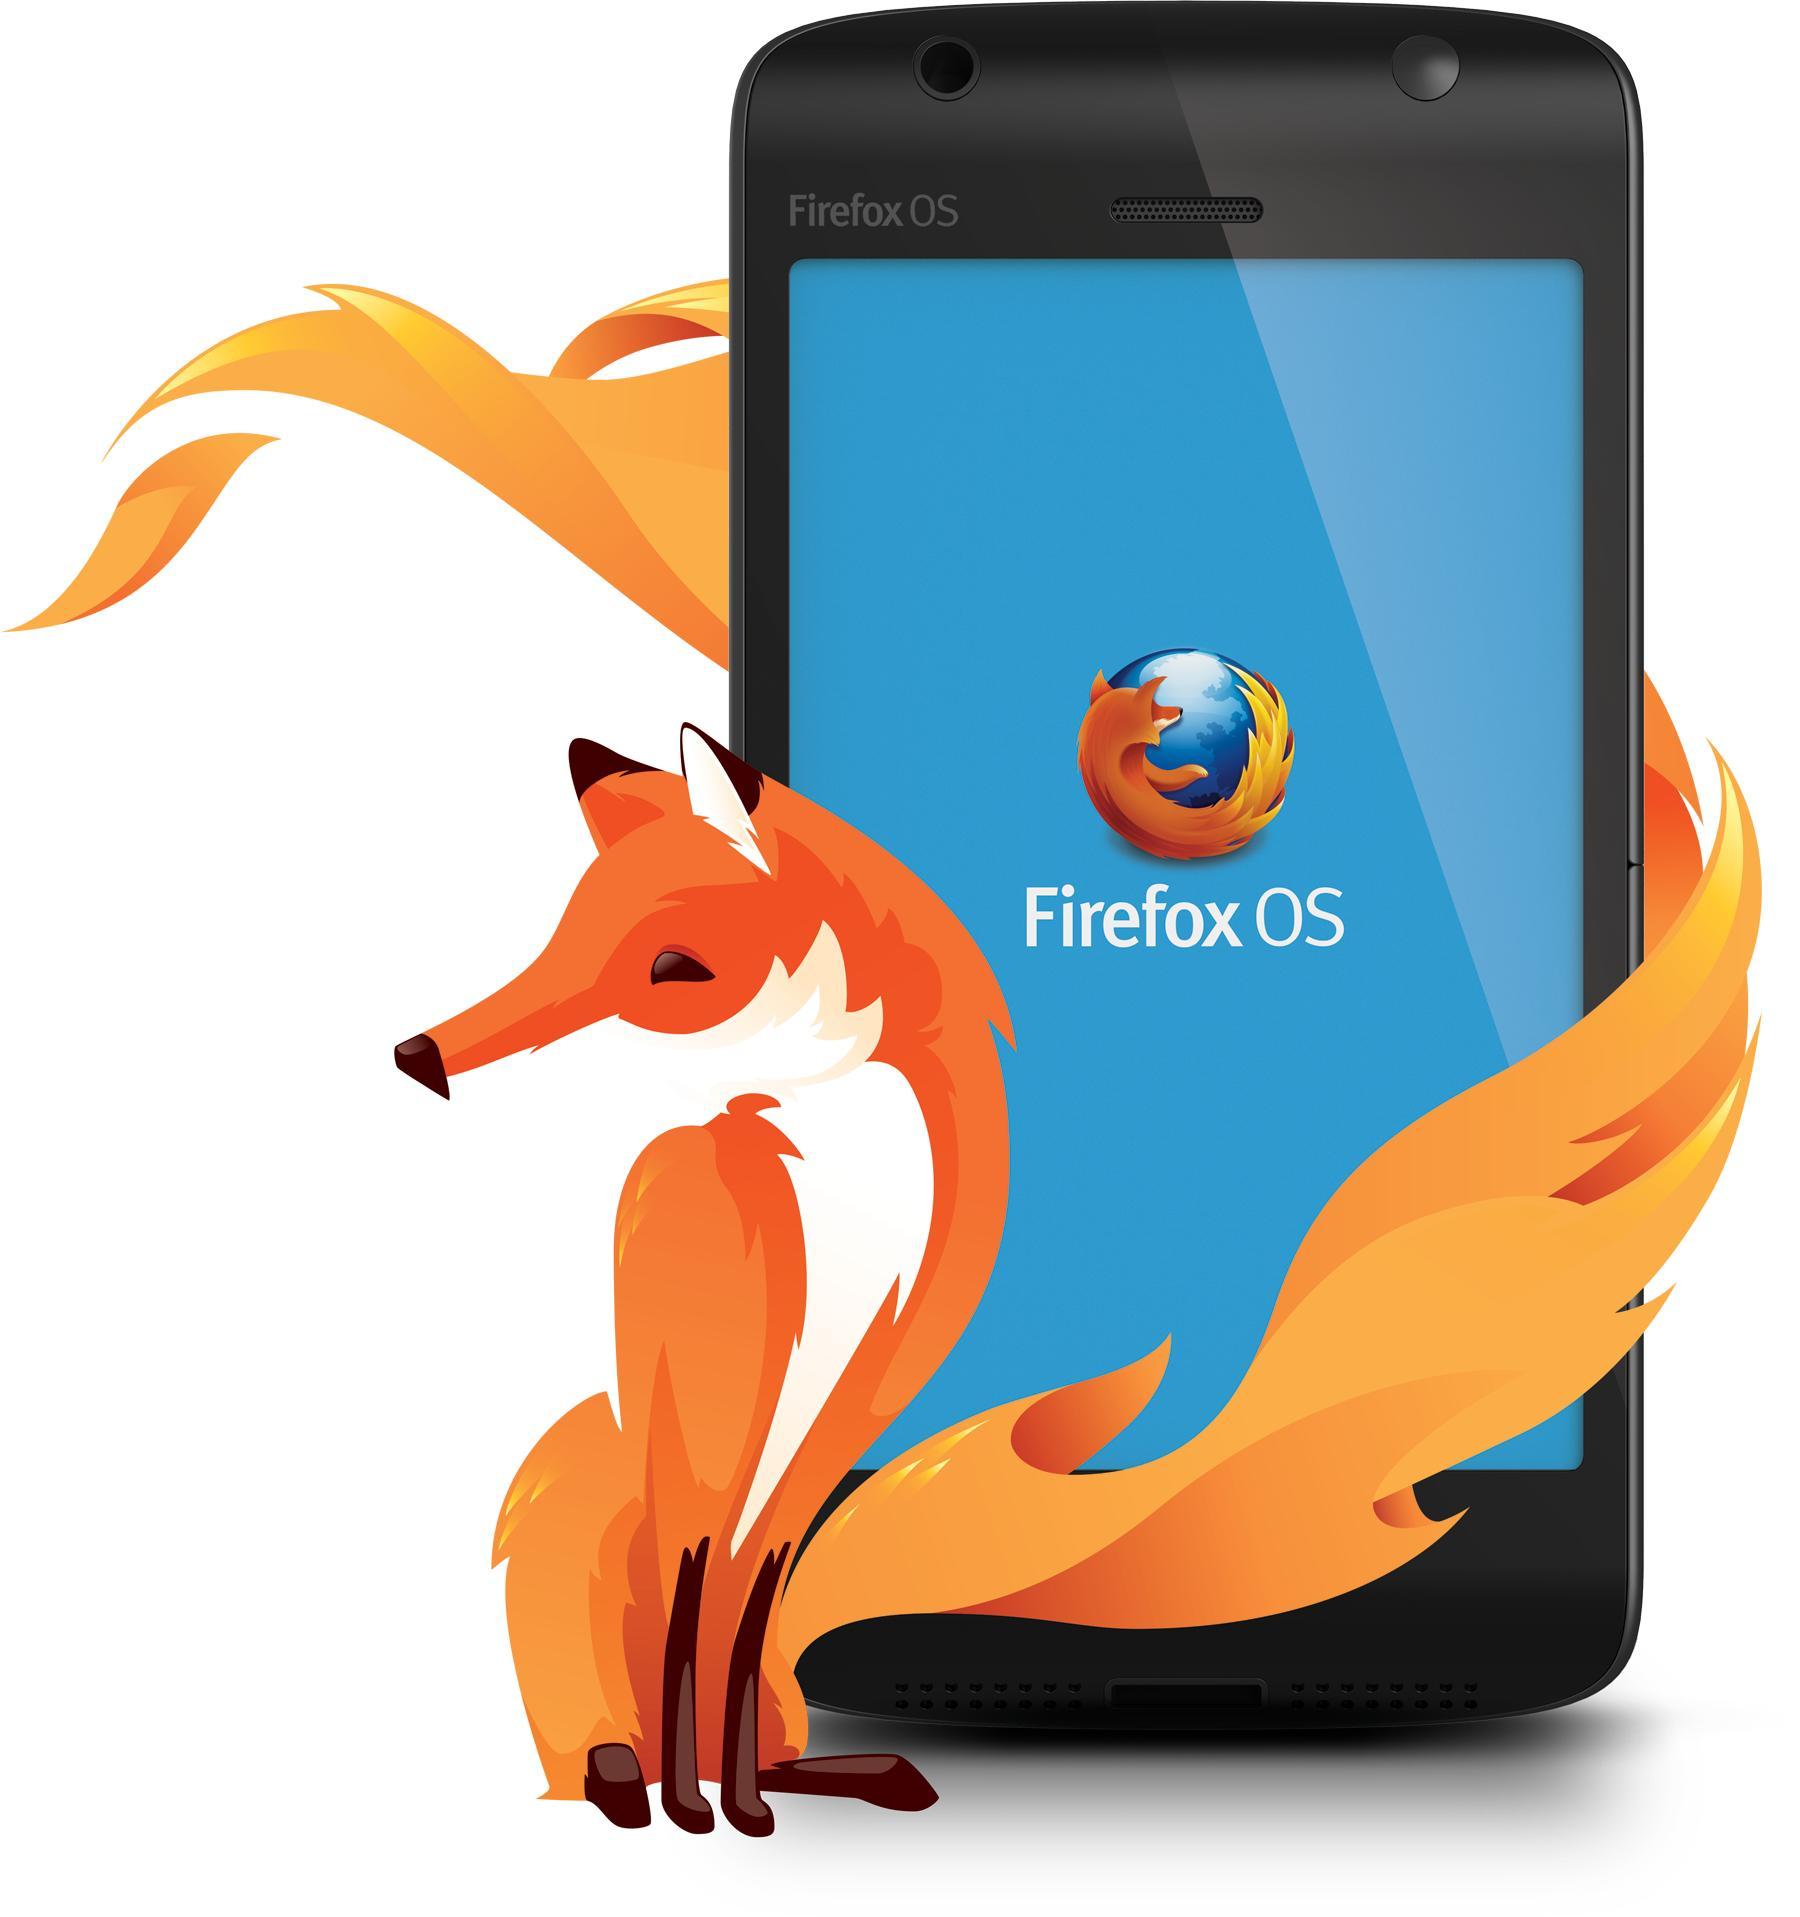 LG Fireweb: Điện thoại Firefox OS đầu tiên